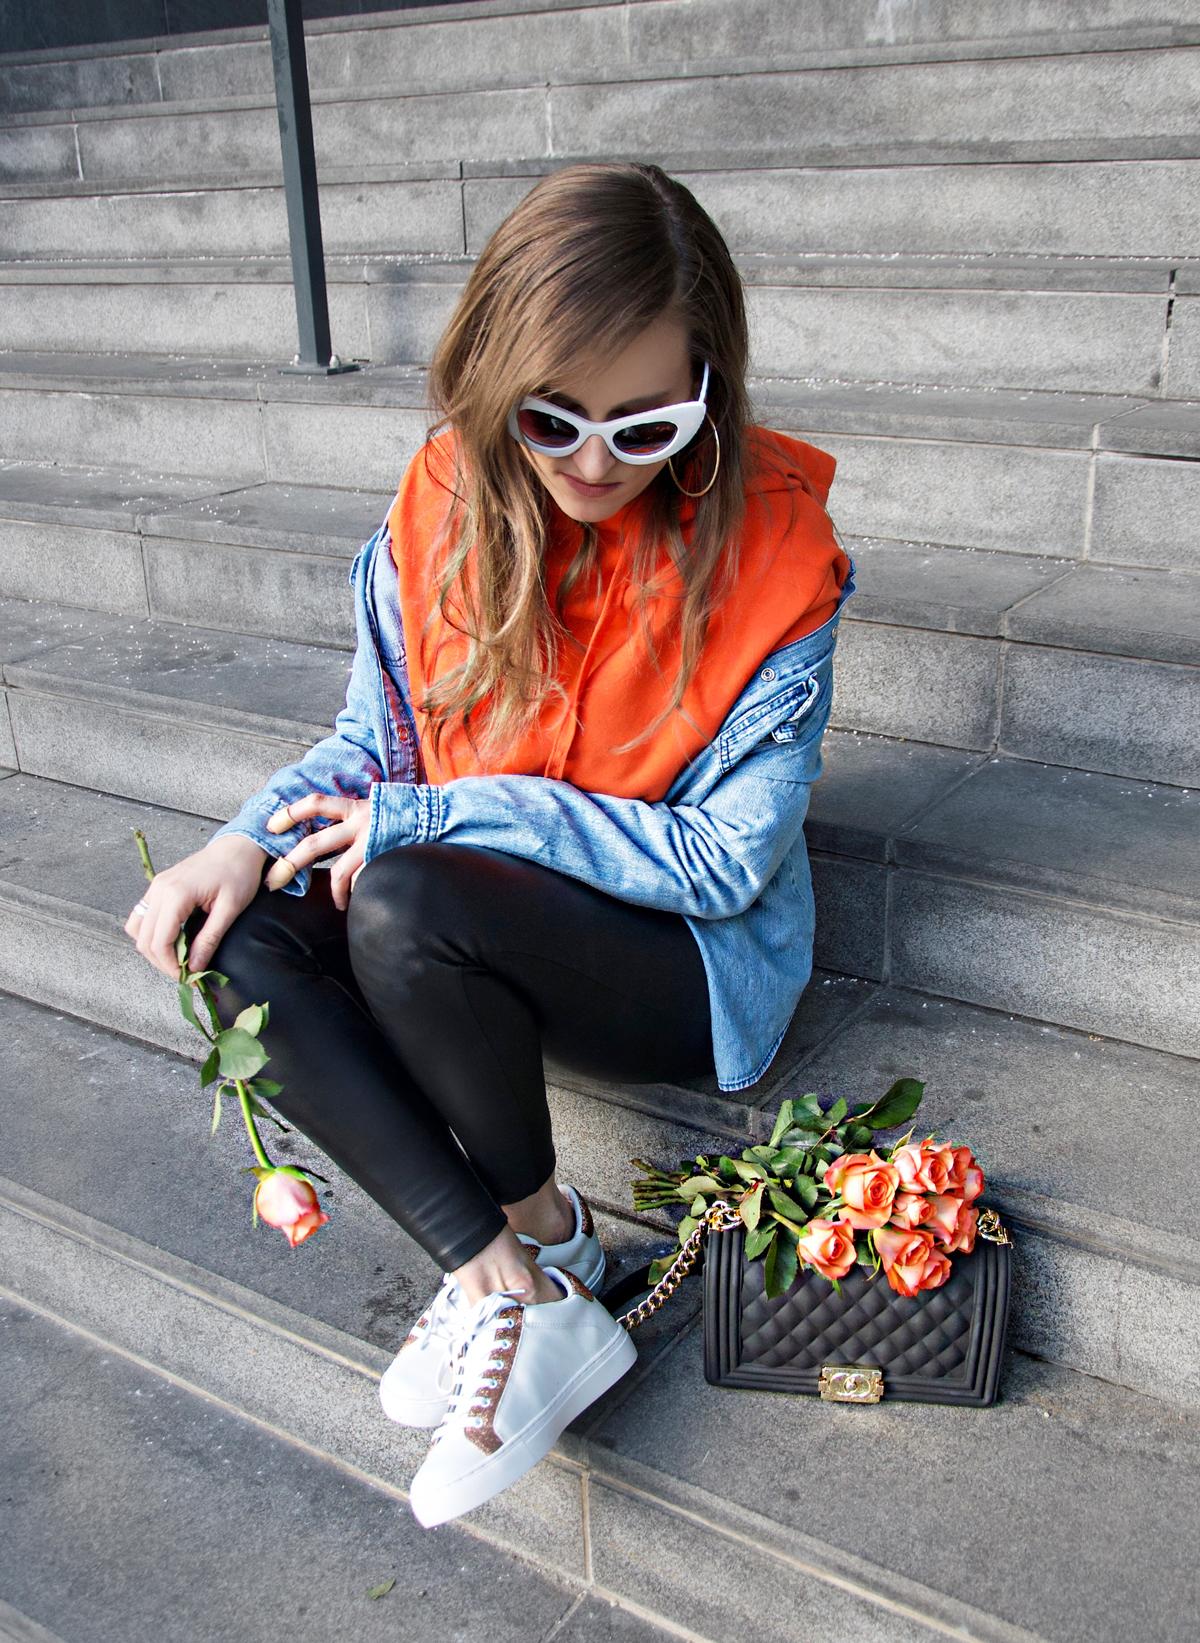 Andrea Steiner Modebloggerin aus Luzern berichtet auf ihrem Mode Blog Strawberries 'n' Champagne welches die neusten Sneaker Trends 2018 sind.